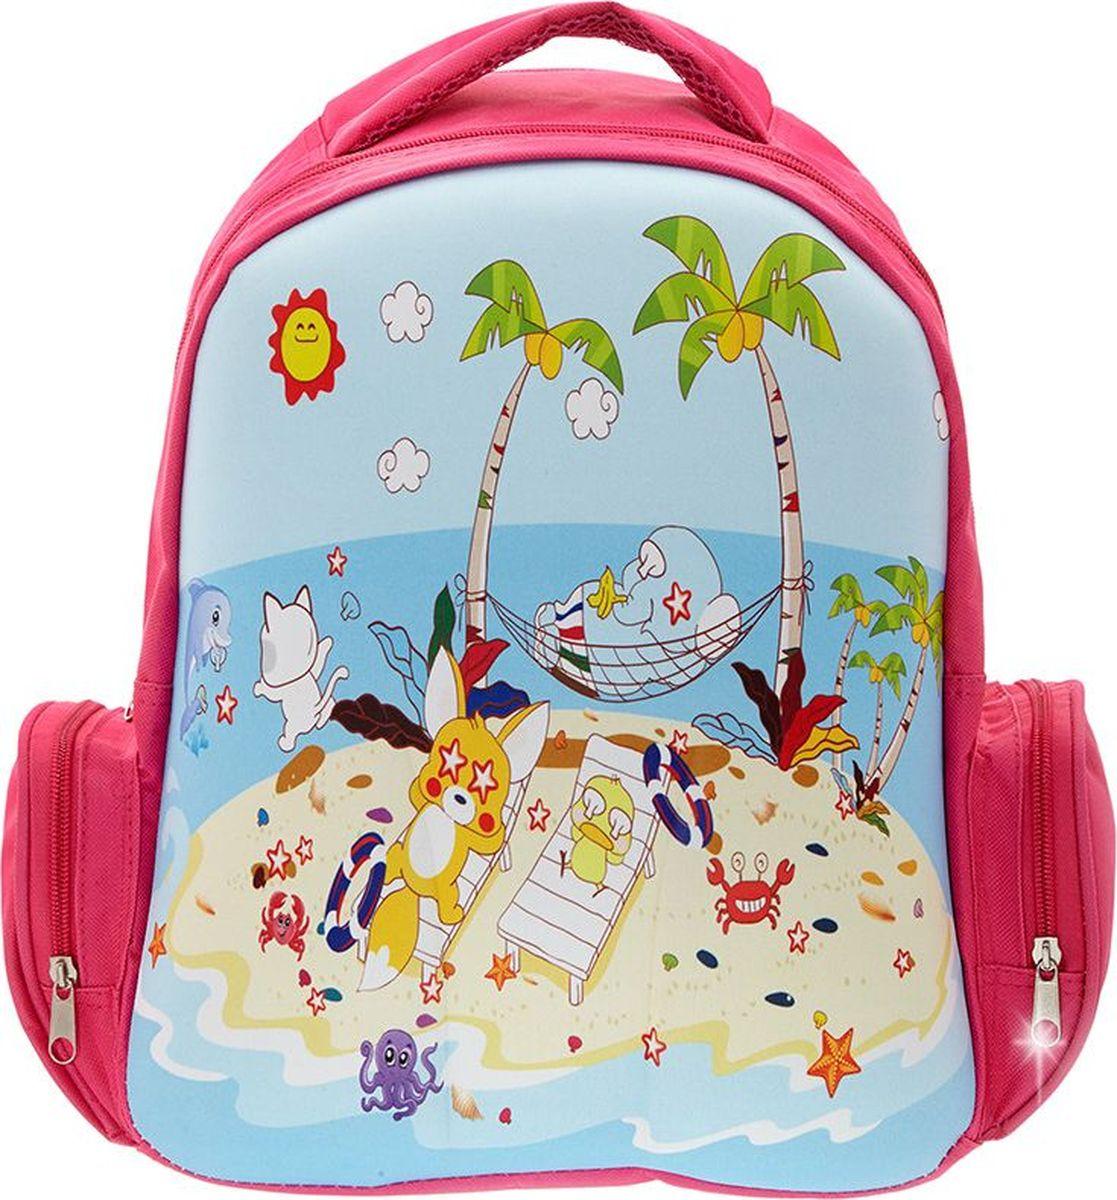 3D Bags Рюкзак дошкольный Пляж3DHM337Дошкольный рюкзак 3D Bags Пляж идеально подходит для хранения важных вещей, которые так необходимы маленькой принцессе на детской площадке, во время прогулки или на пикнике.рюкзак выполнен из прочного и износоустойчивого полиэстера. Просторный внутренний отсек будет очень удобен в использовании. Лицевая сторона рюкзака на прочной основе выполнена в виде веселой детской картинки, которая всегда будет радовать вашего малыша.